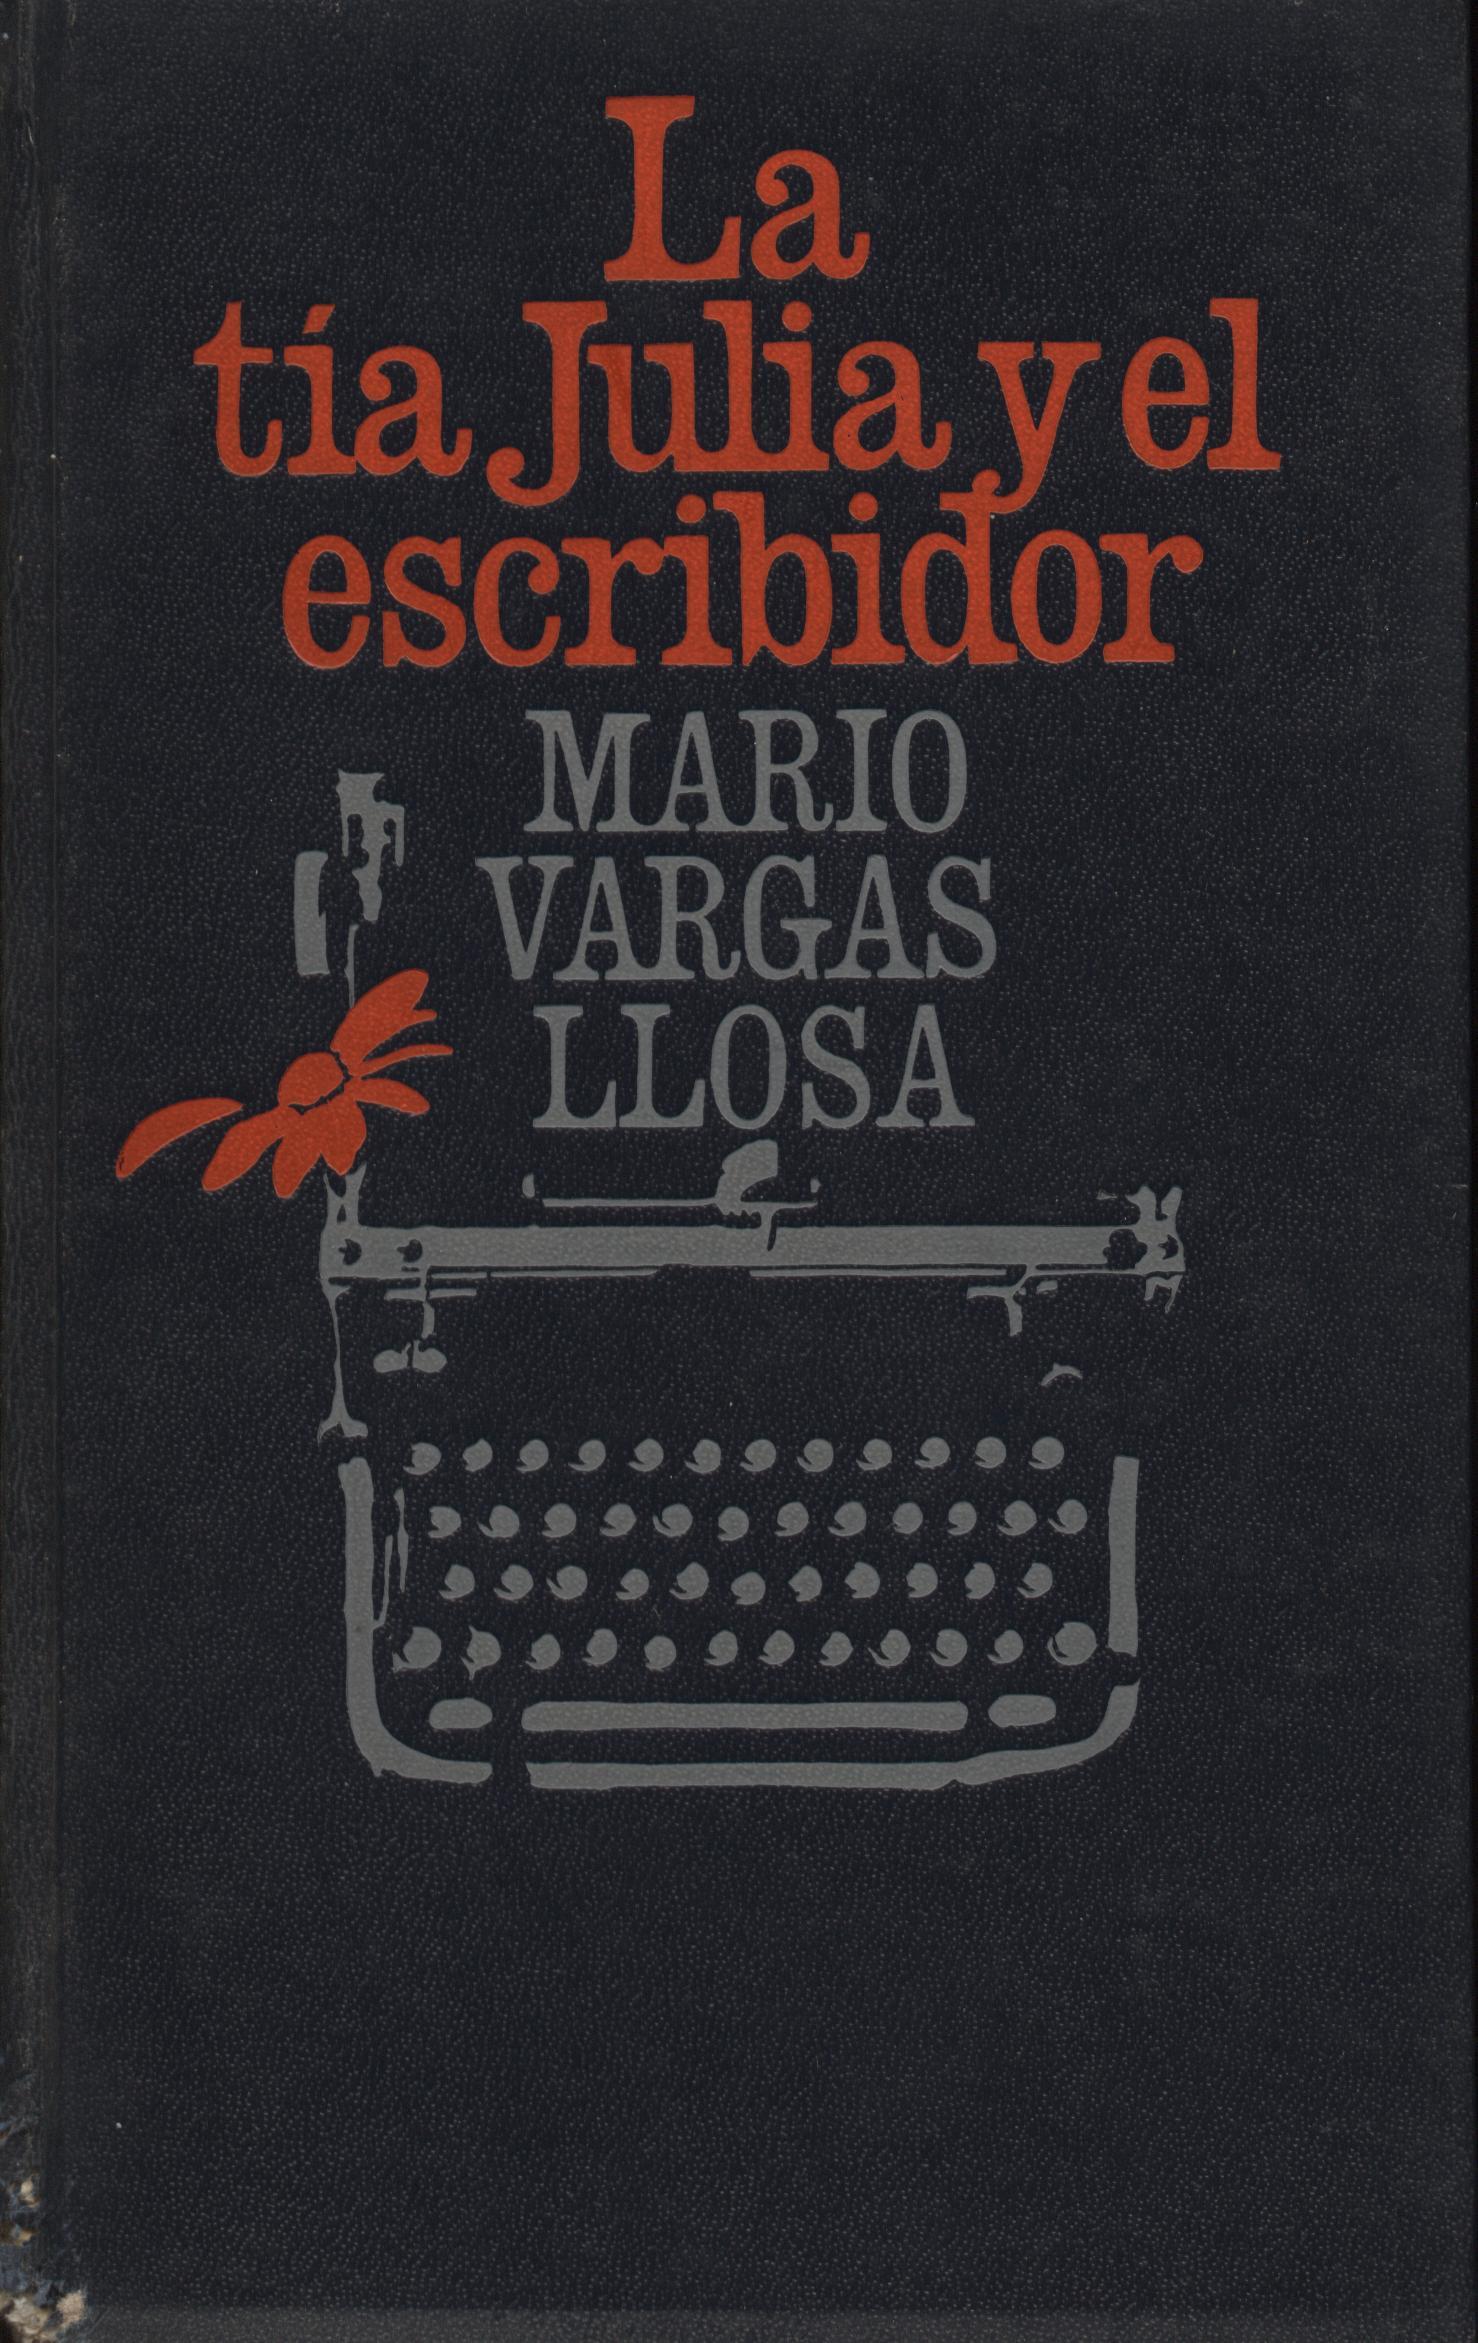 La tía Julia y el escribidor - Mario Vargas Llosa